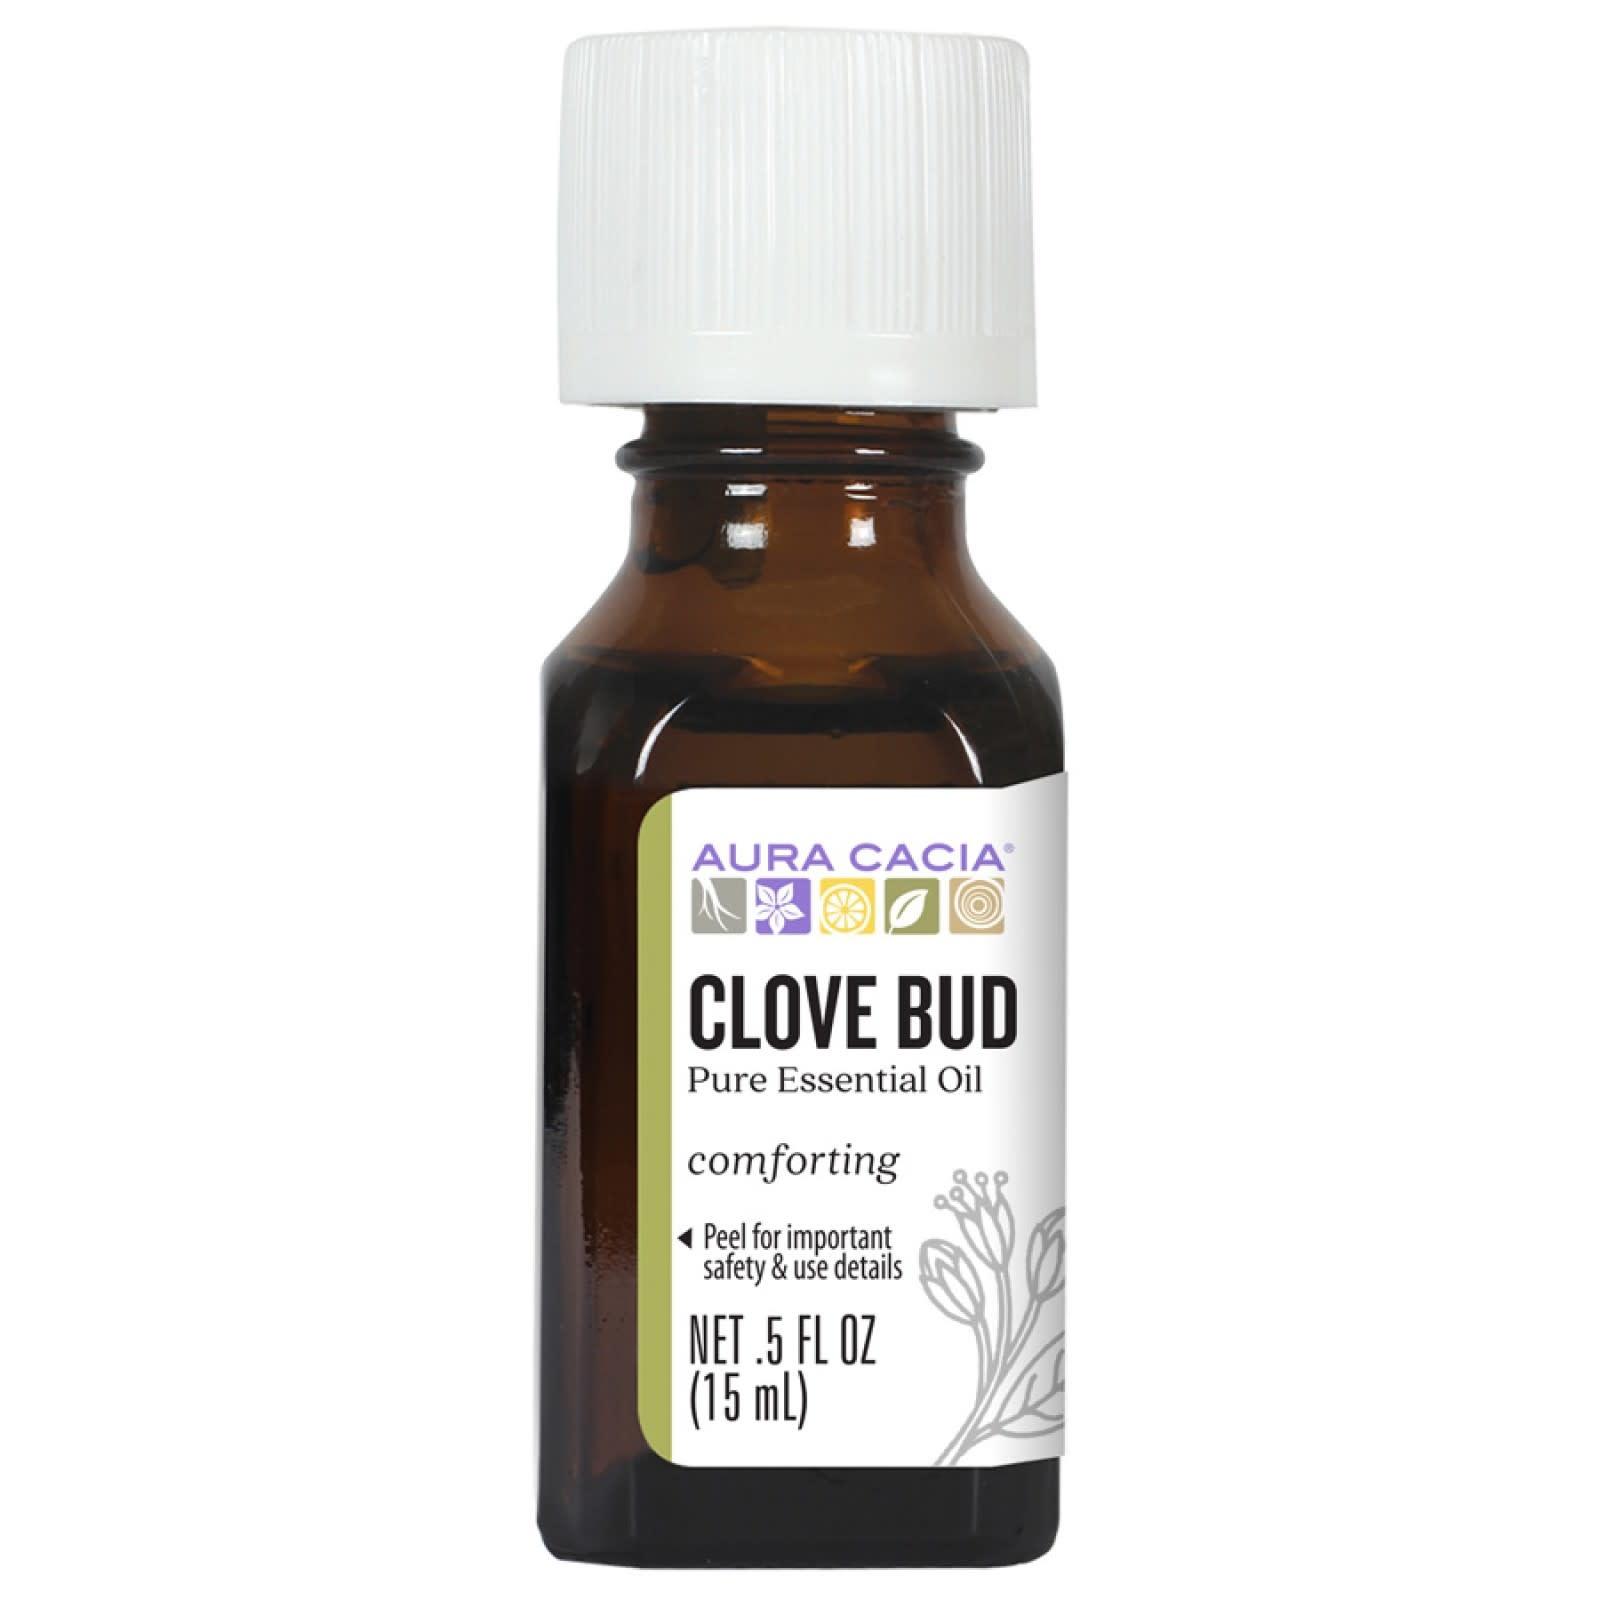 AURA CACIA Clove Bud Essential Oil 0.5 fl. oz.